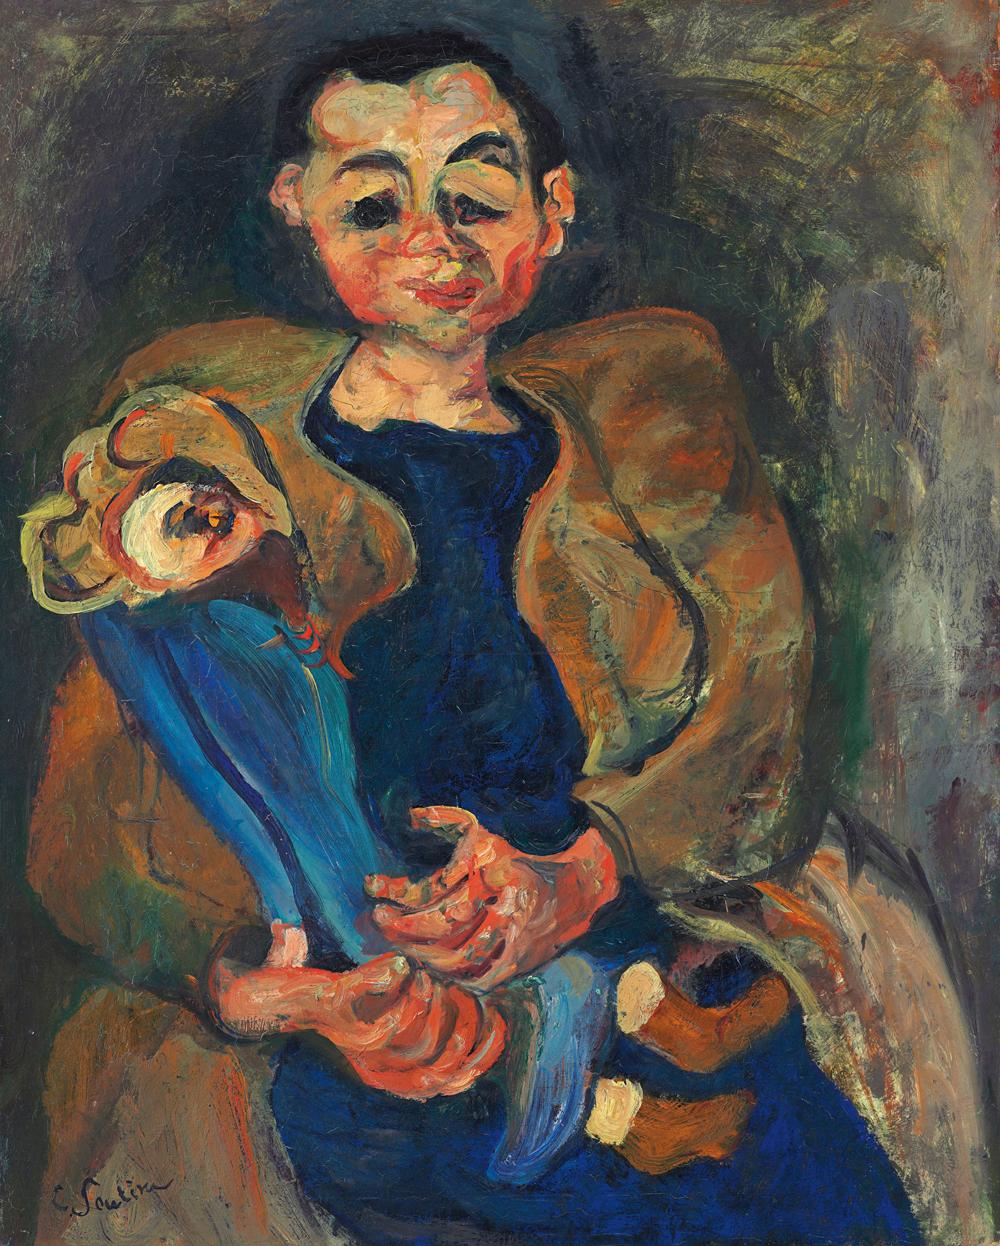 Хаим Сутин. Женщина с куклой, 1923-1924